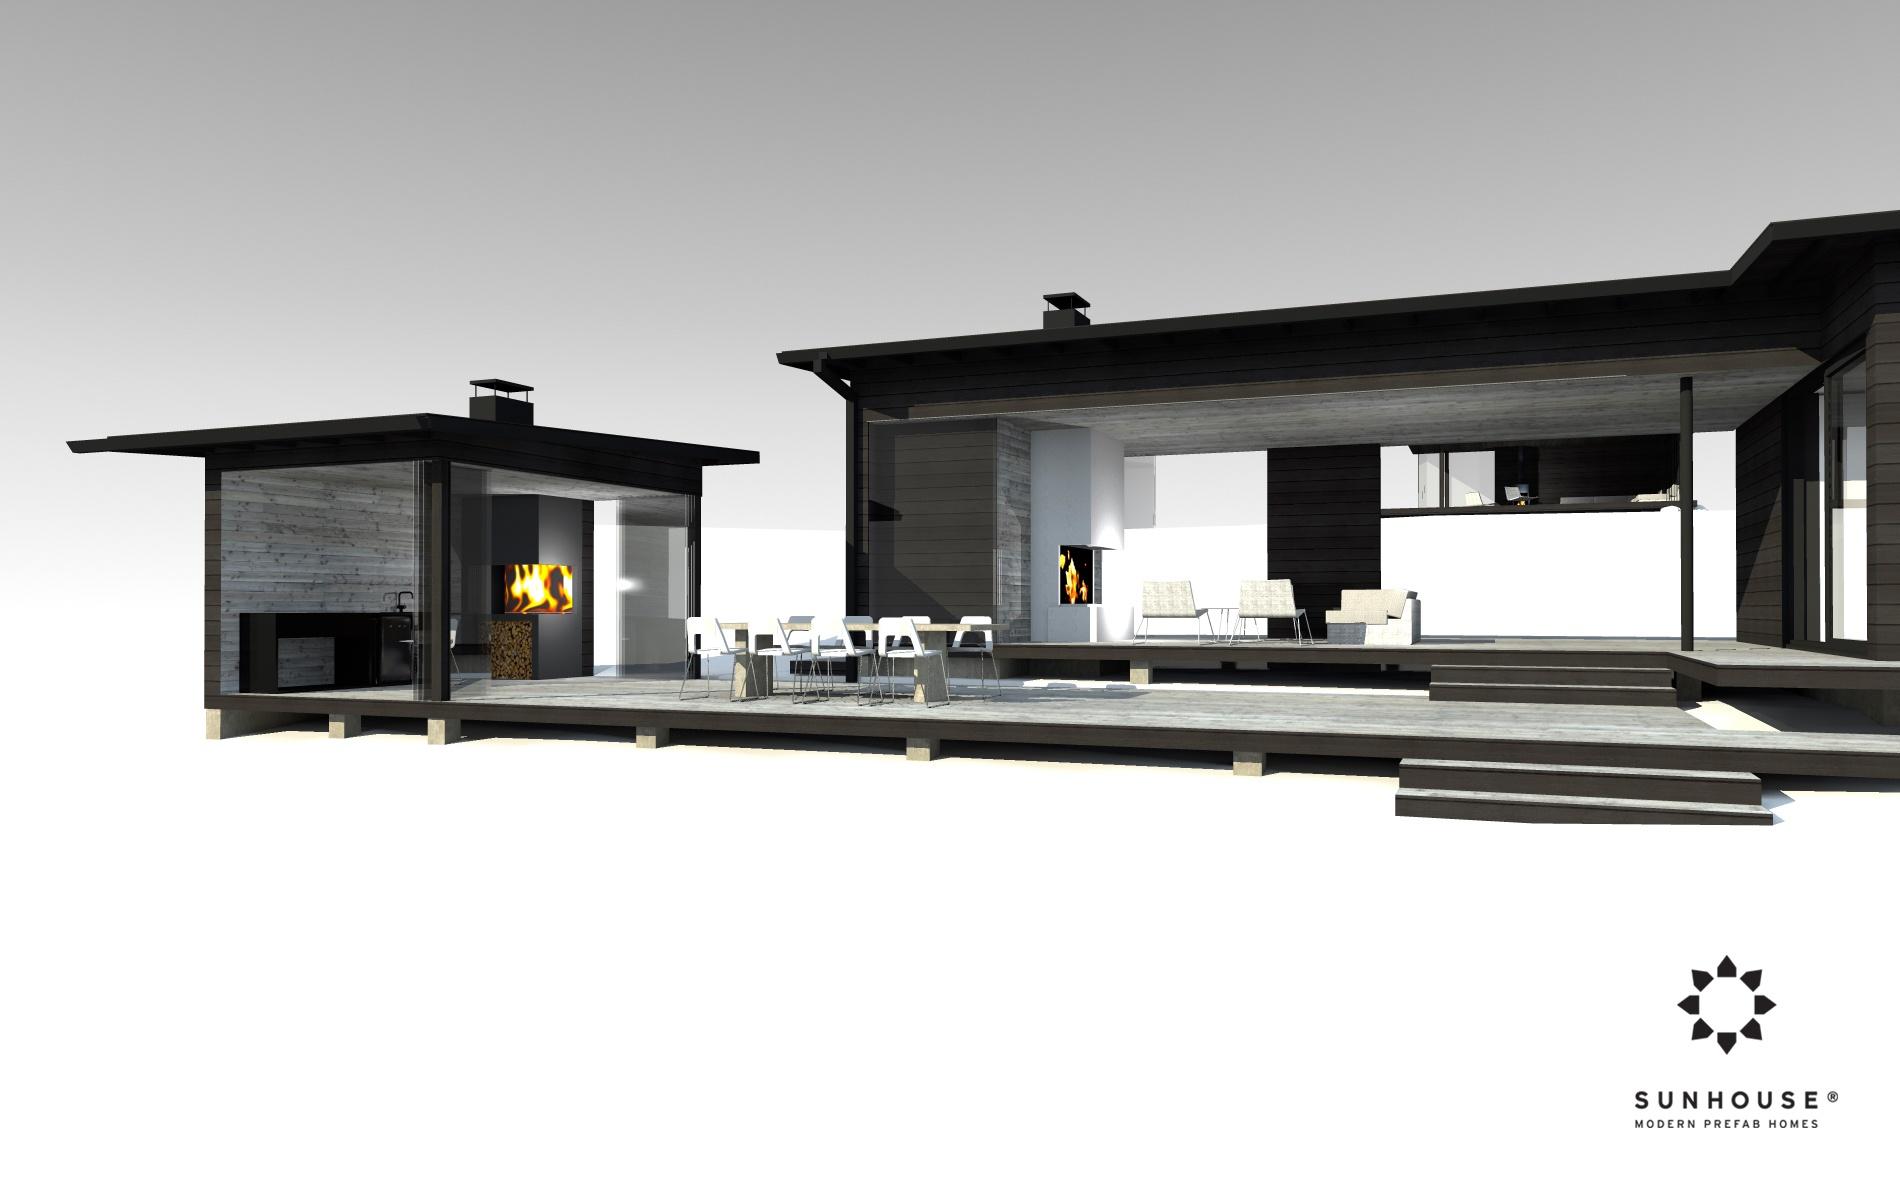 Sunhouse S1412 - Moderni vapaa-ajan asunto-1